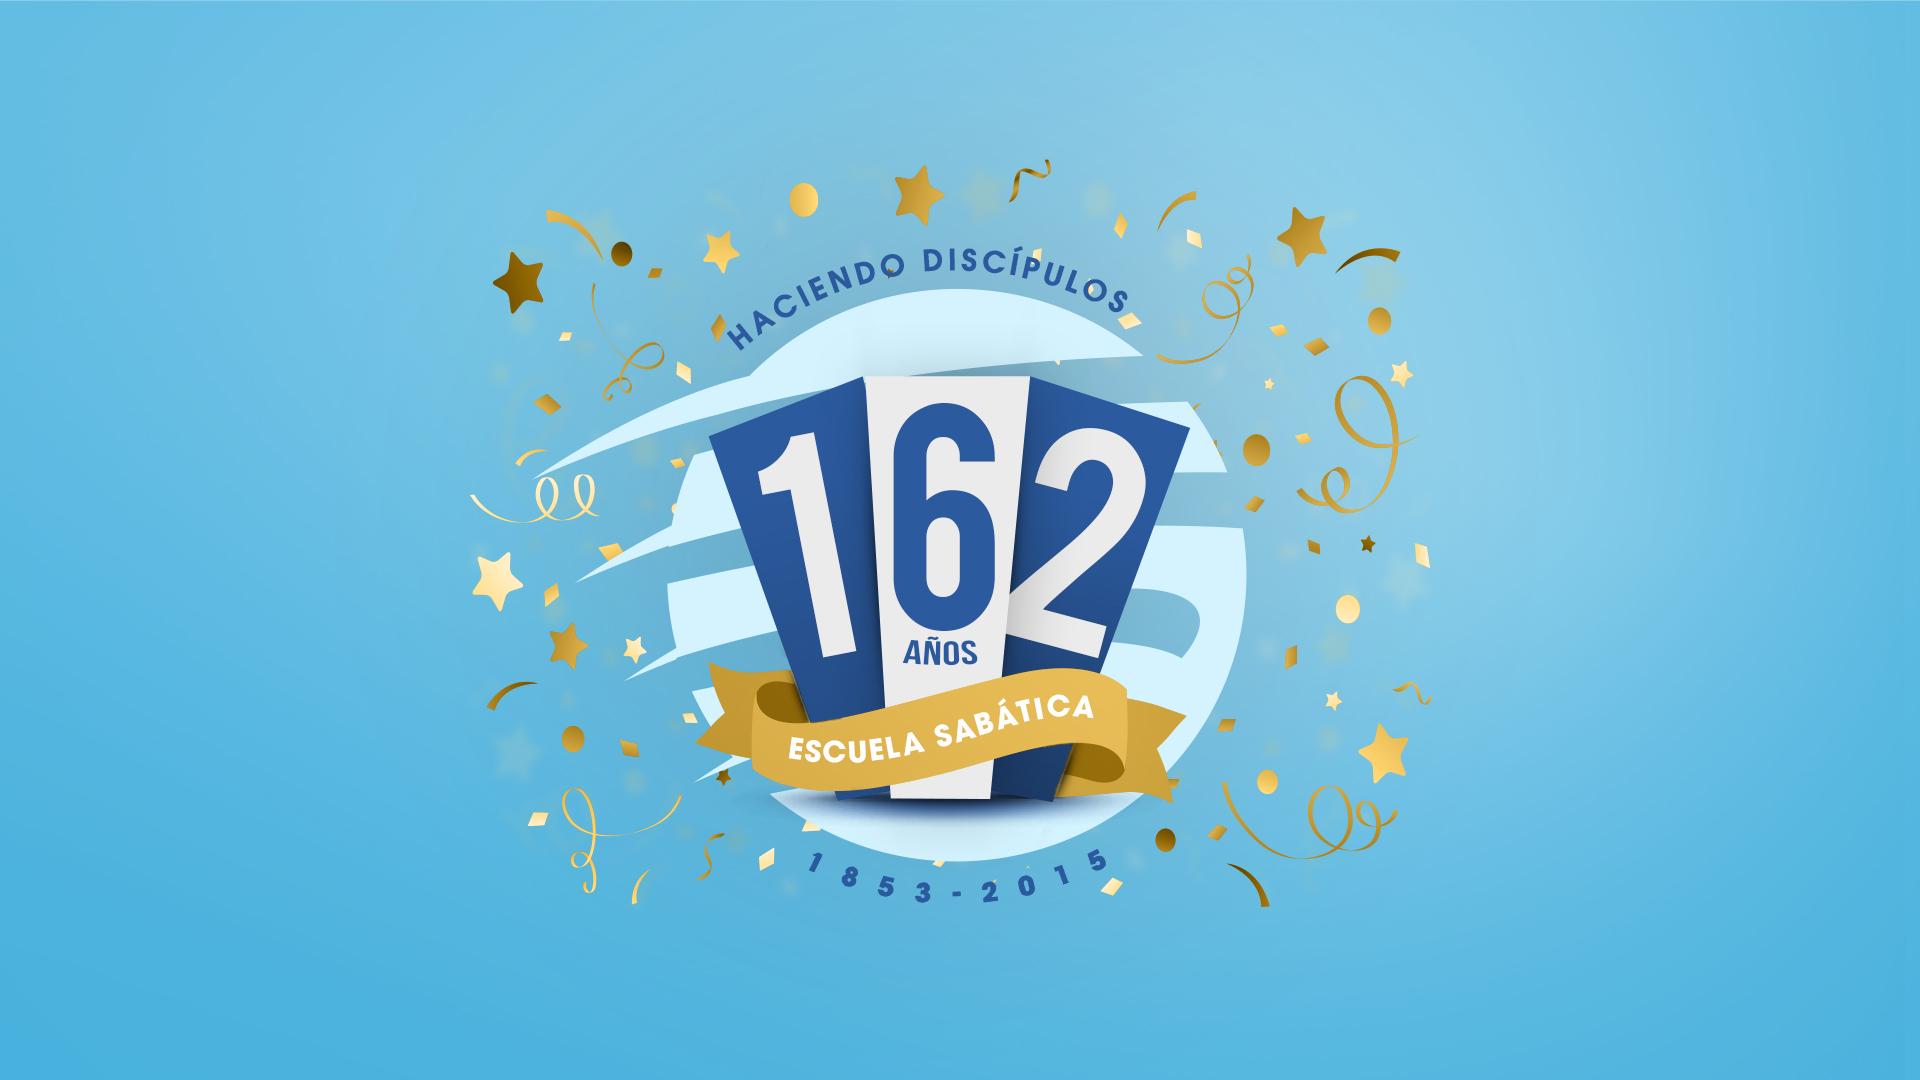 162 Años Haciendo Discípulos